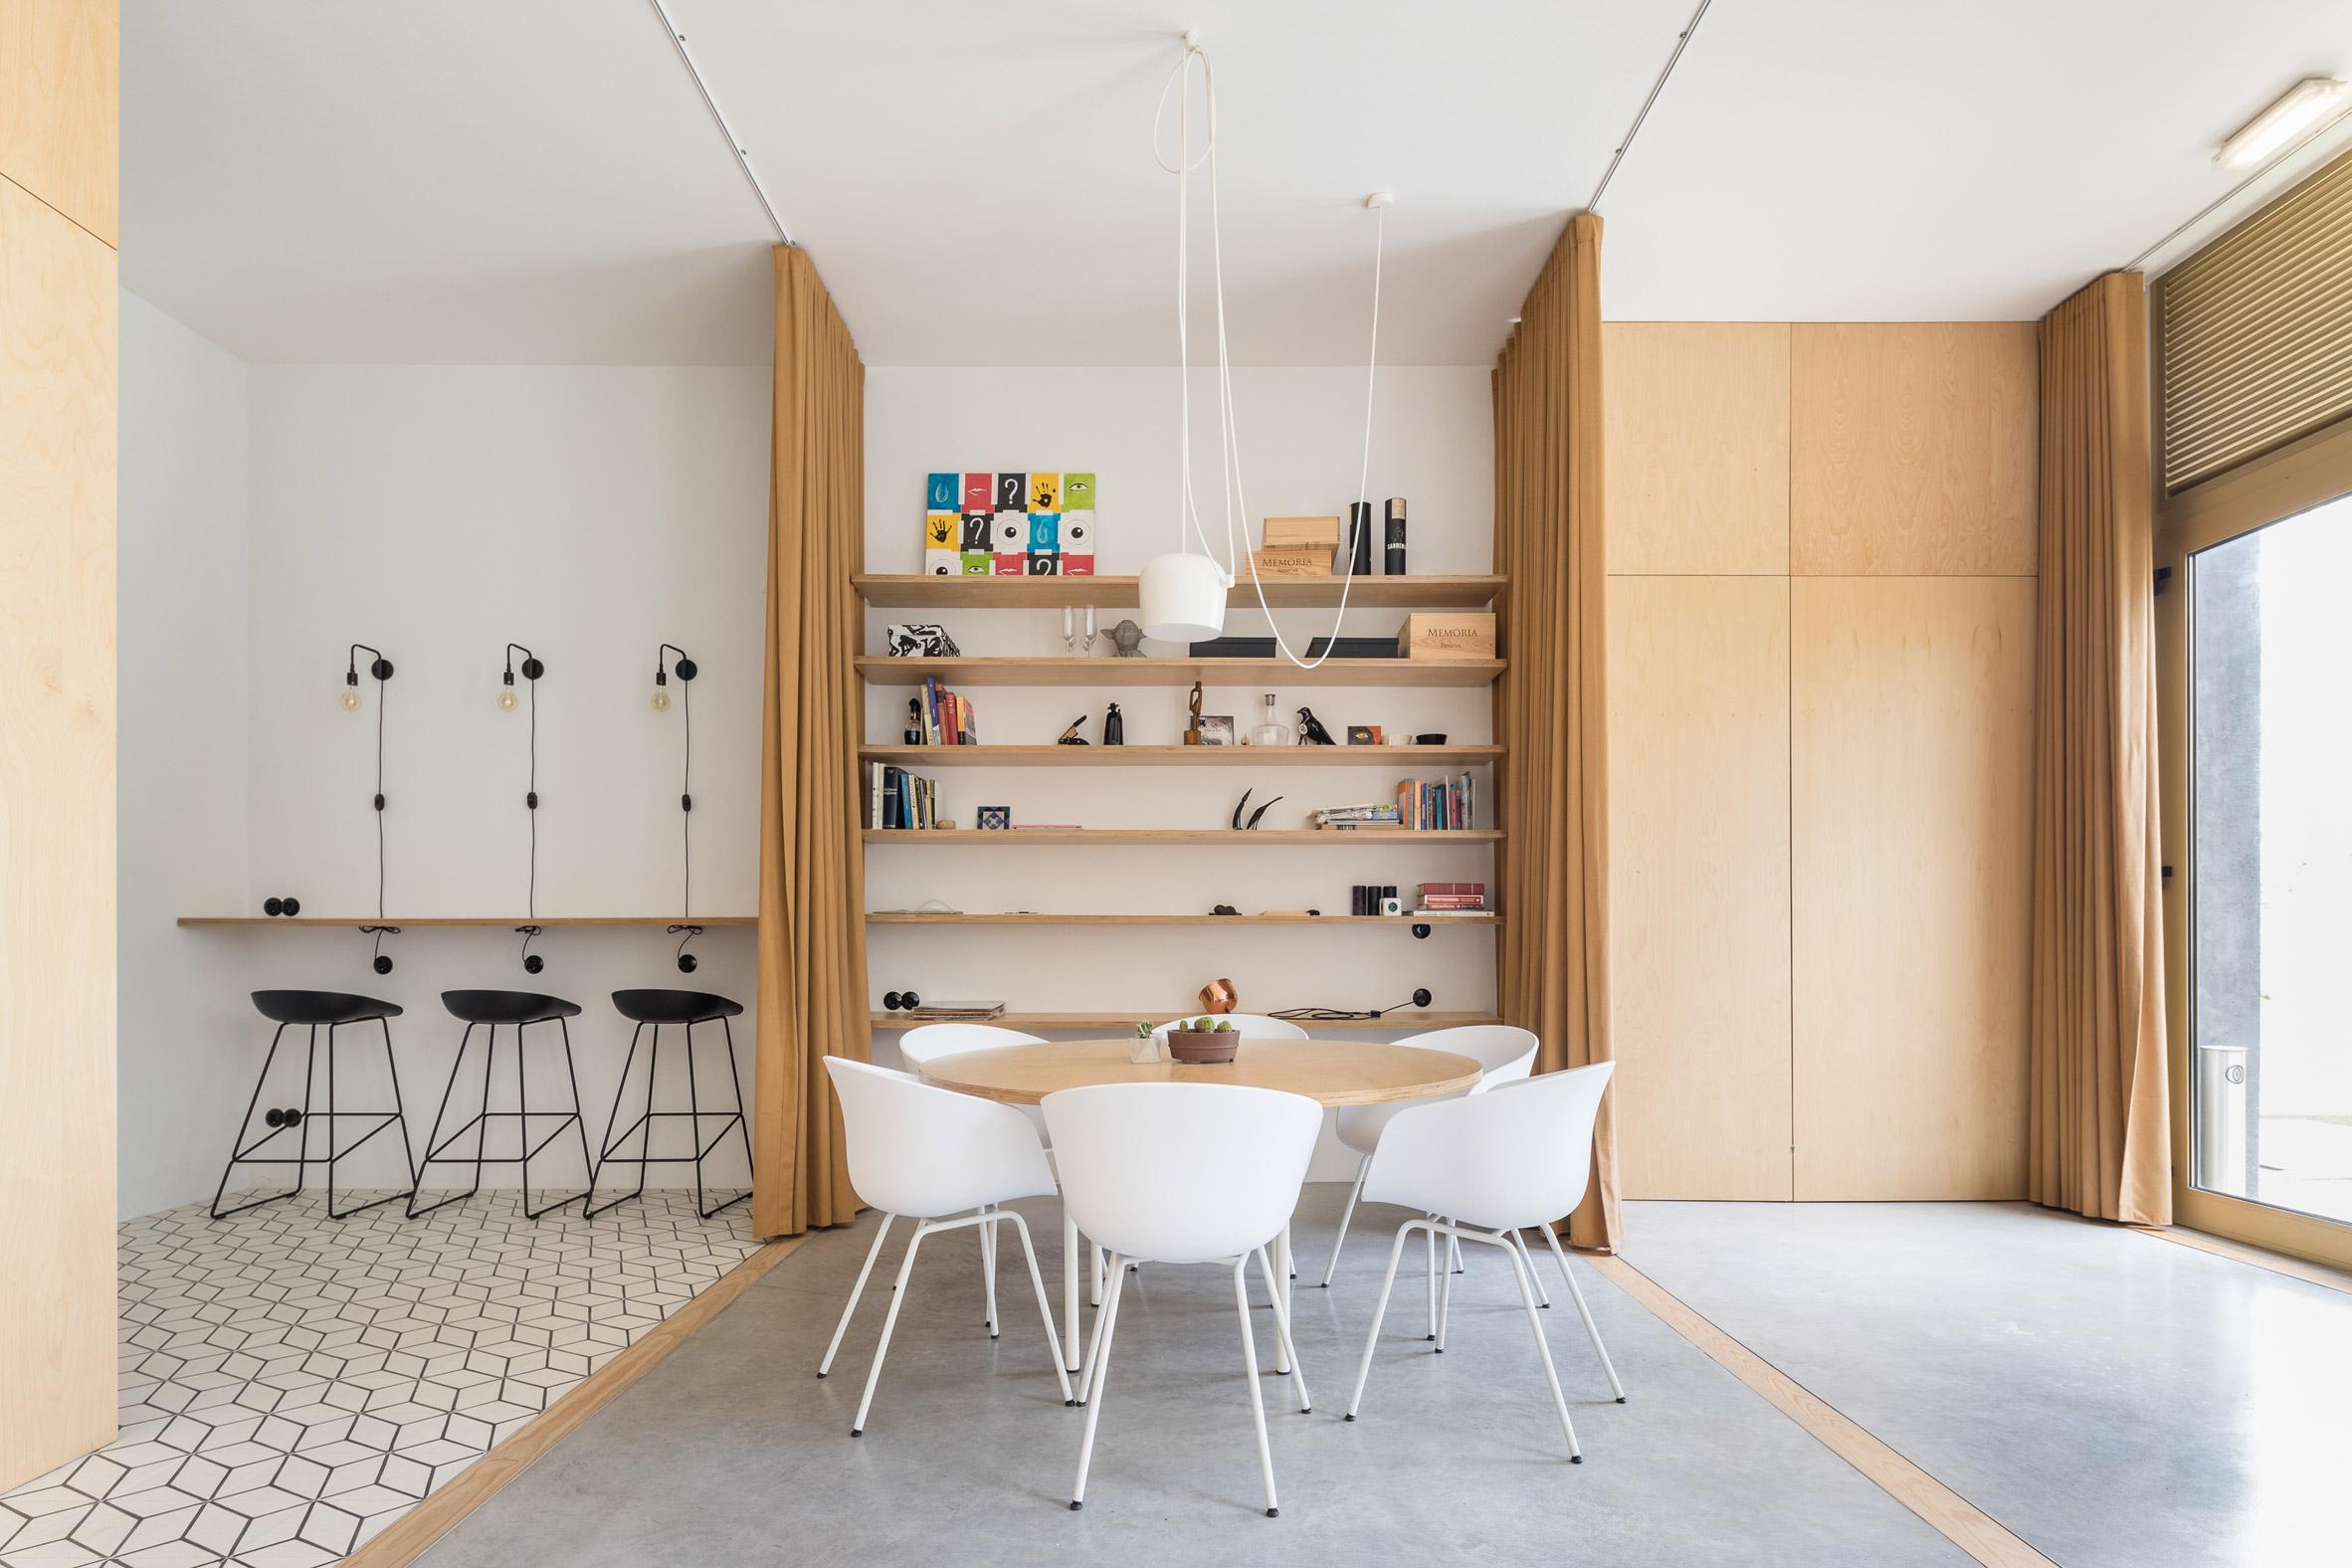 Pure Office by Sílvia Rocio + Mariana Póvoa